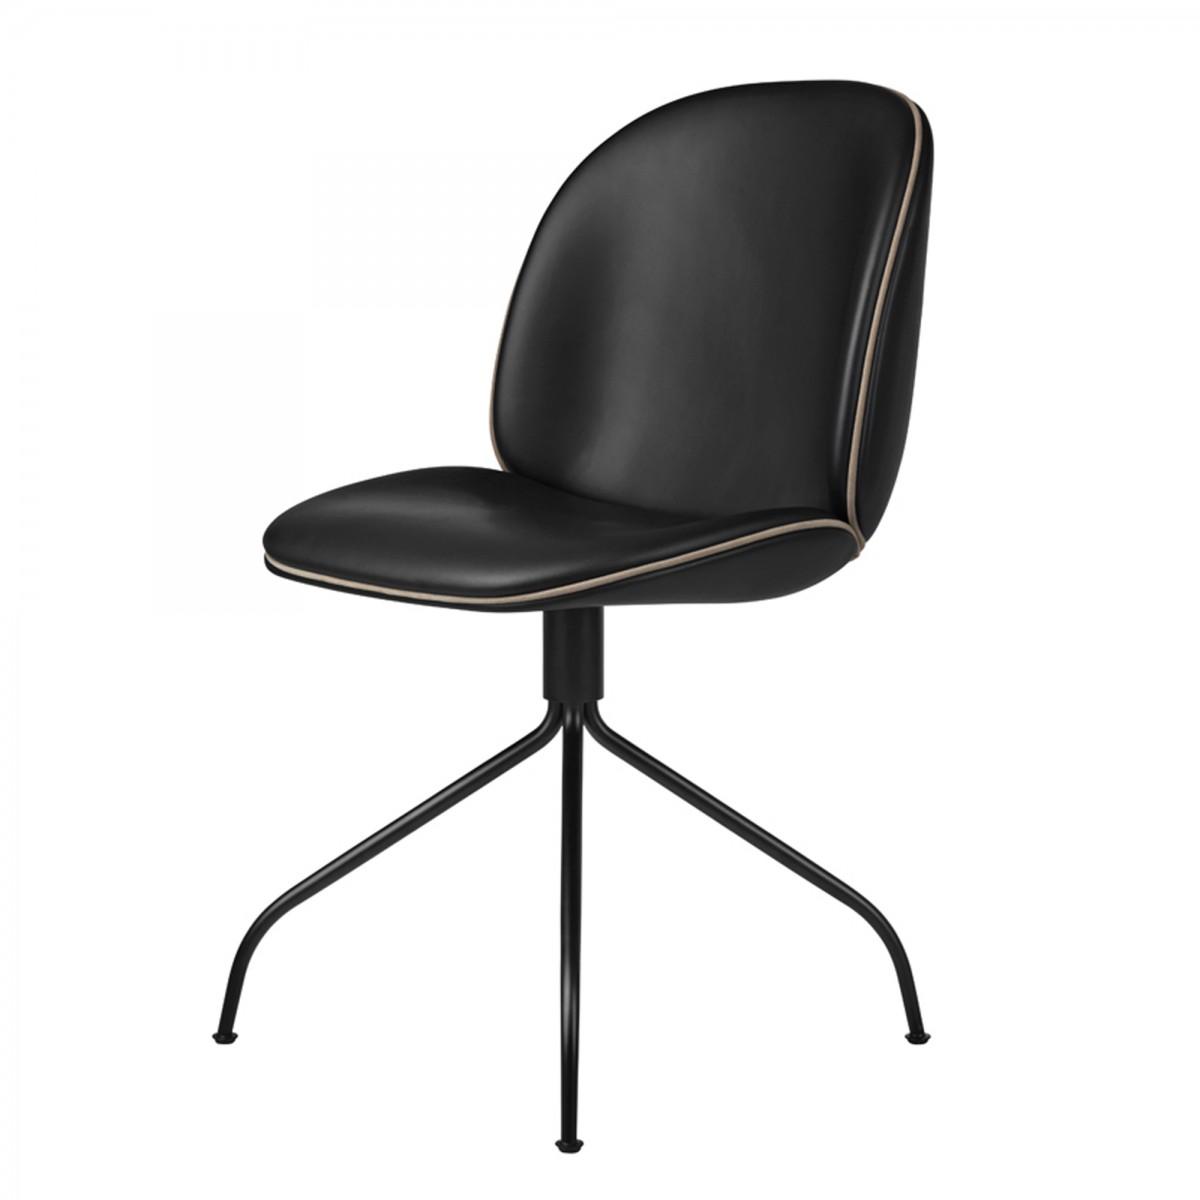 chaise beetle pivotante cuir noir gubi. Black Bedroom Furniture Sets. Home Design Ideas